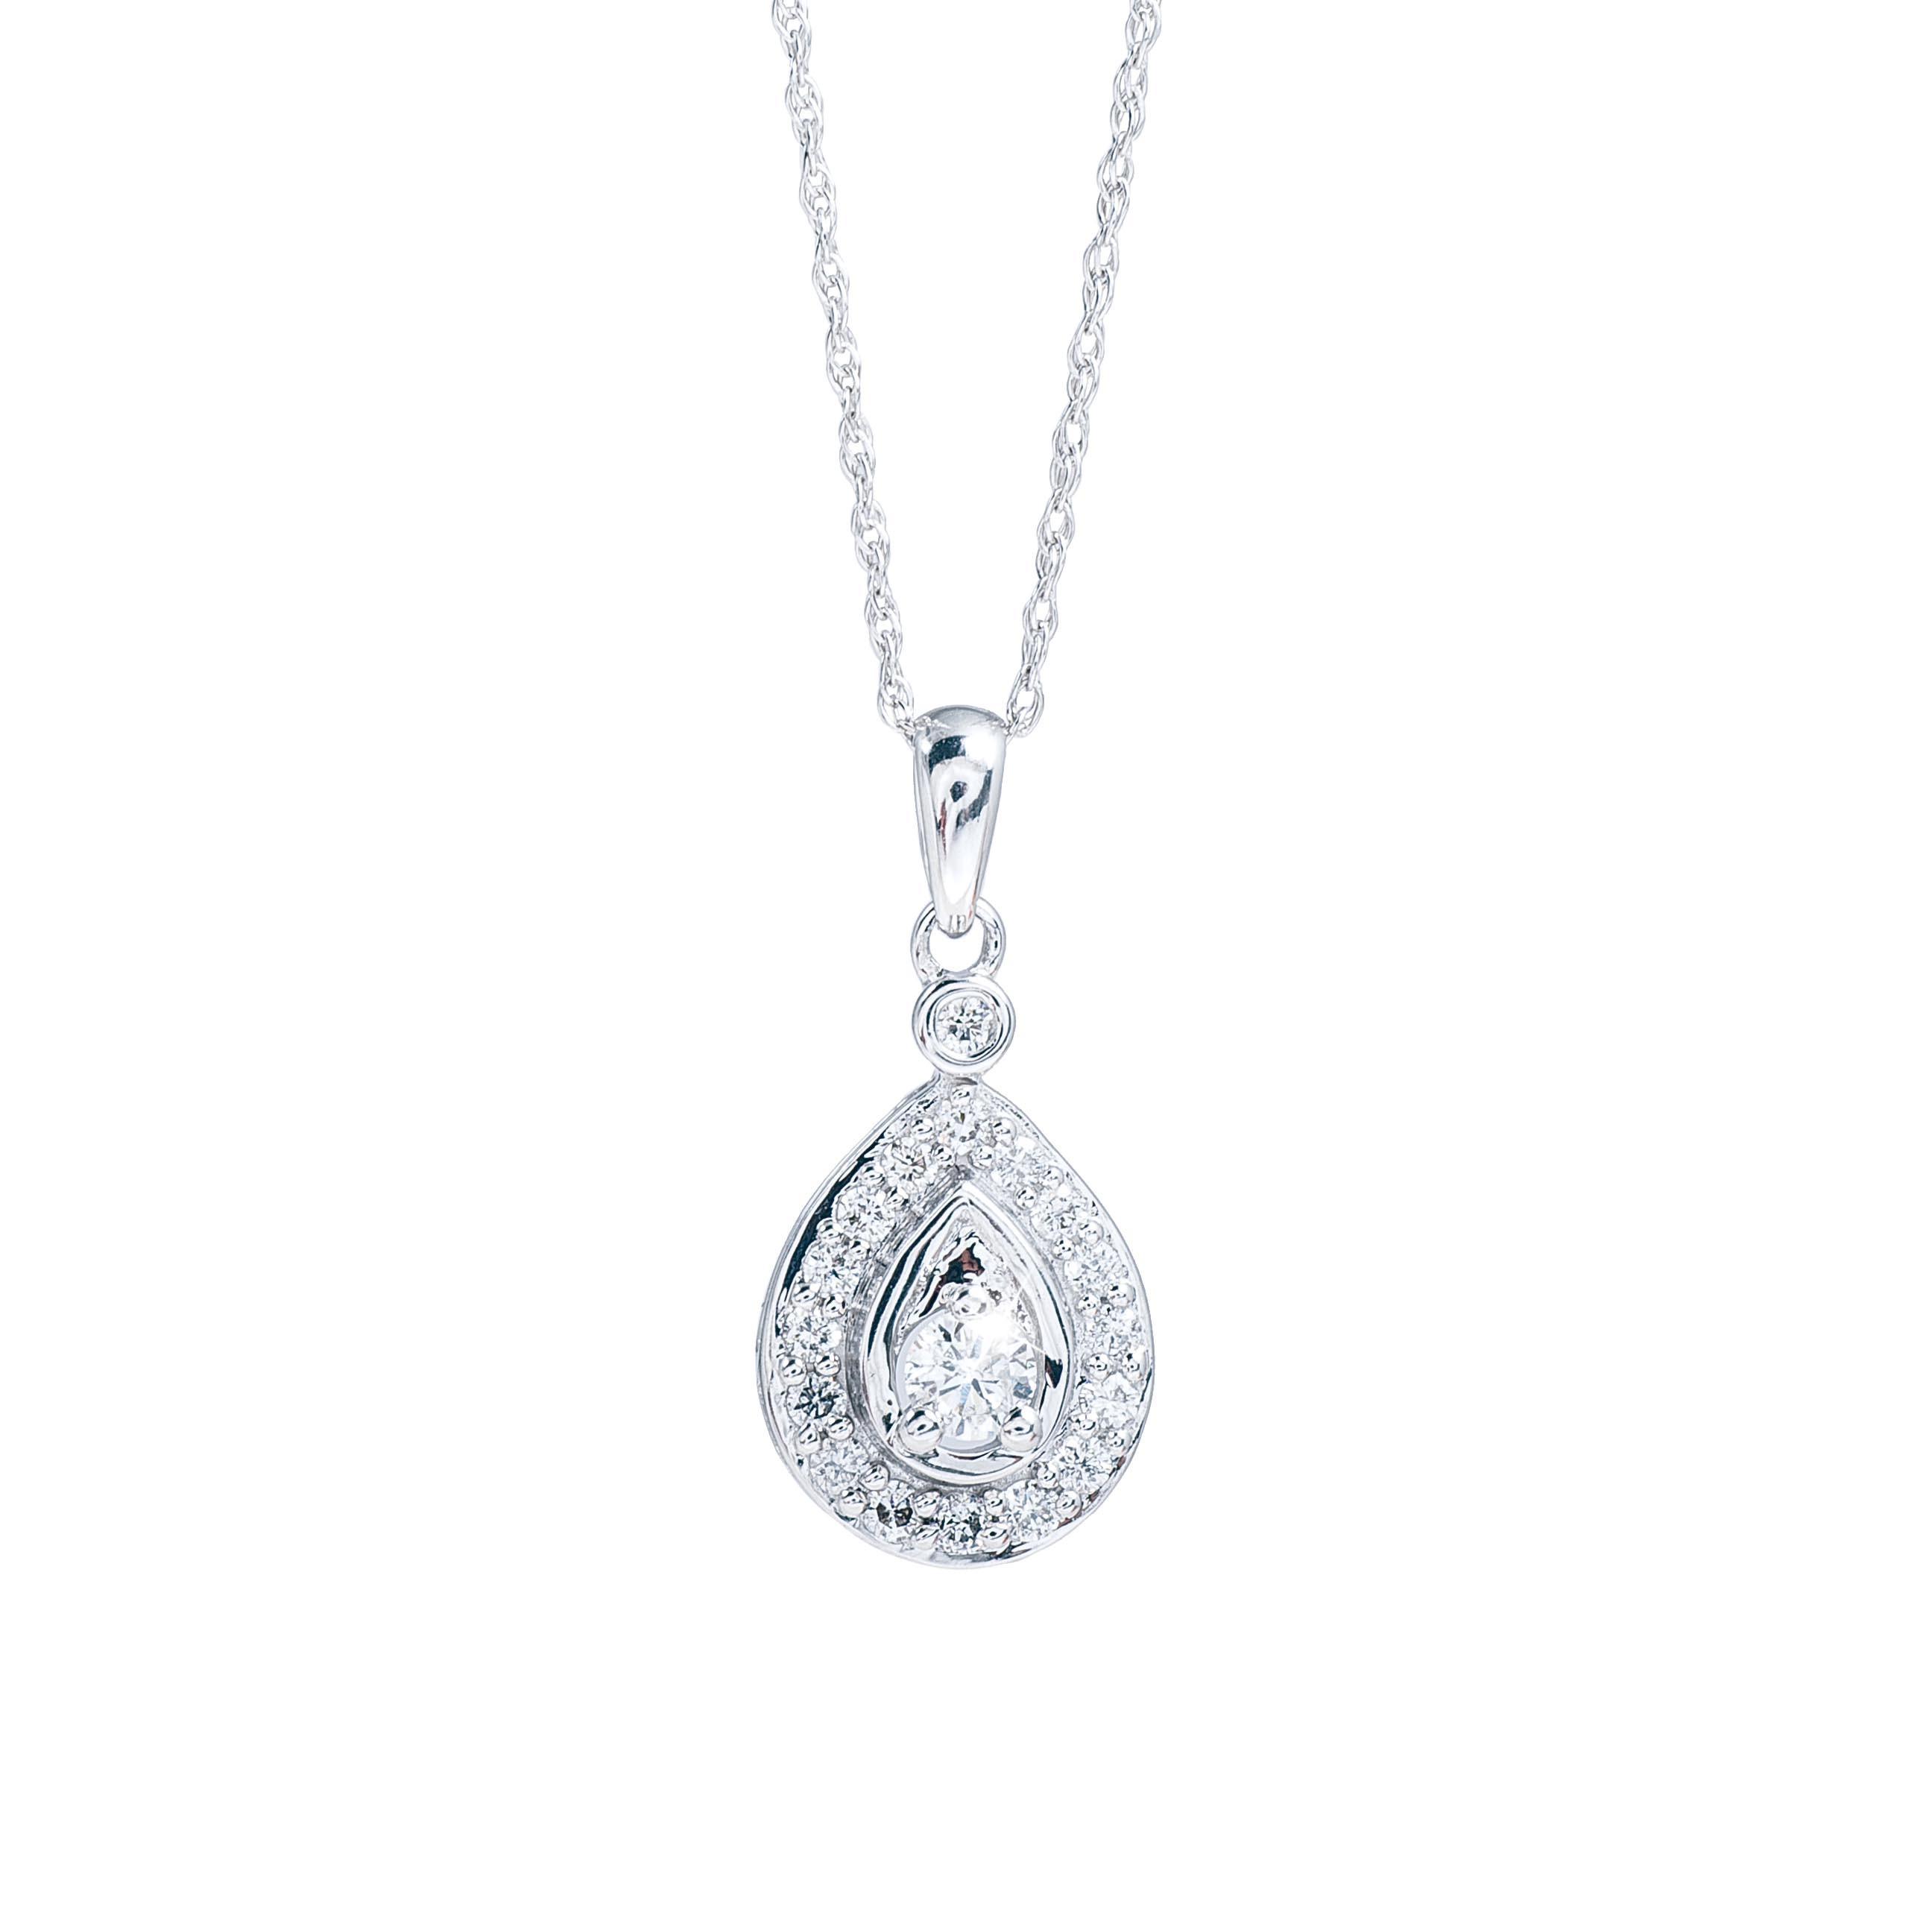 New 0.25 CTW Diamond Pendant